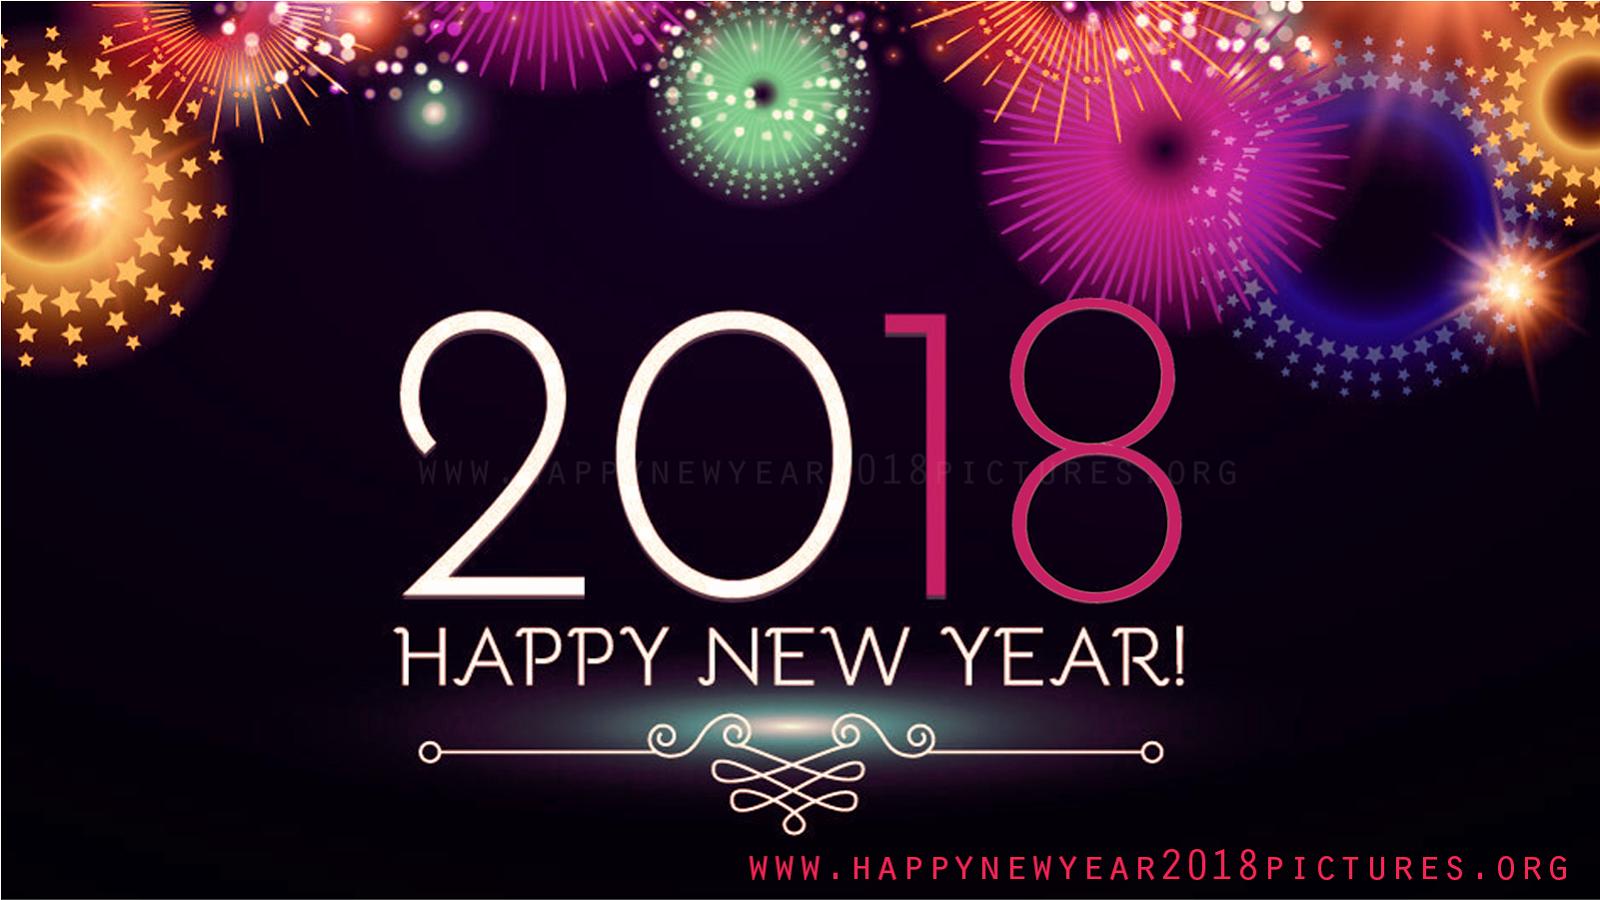 Kumpulan Kata Kata Mutiara Ucapan Selamat Tahun Baru 2018